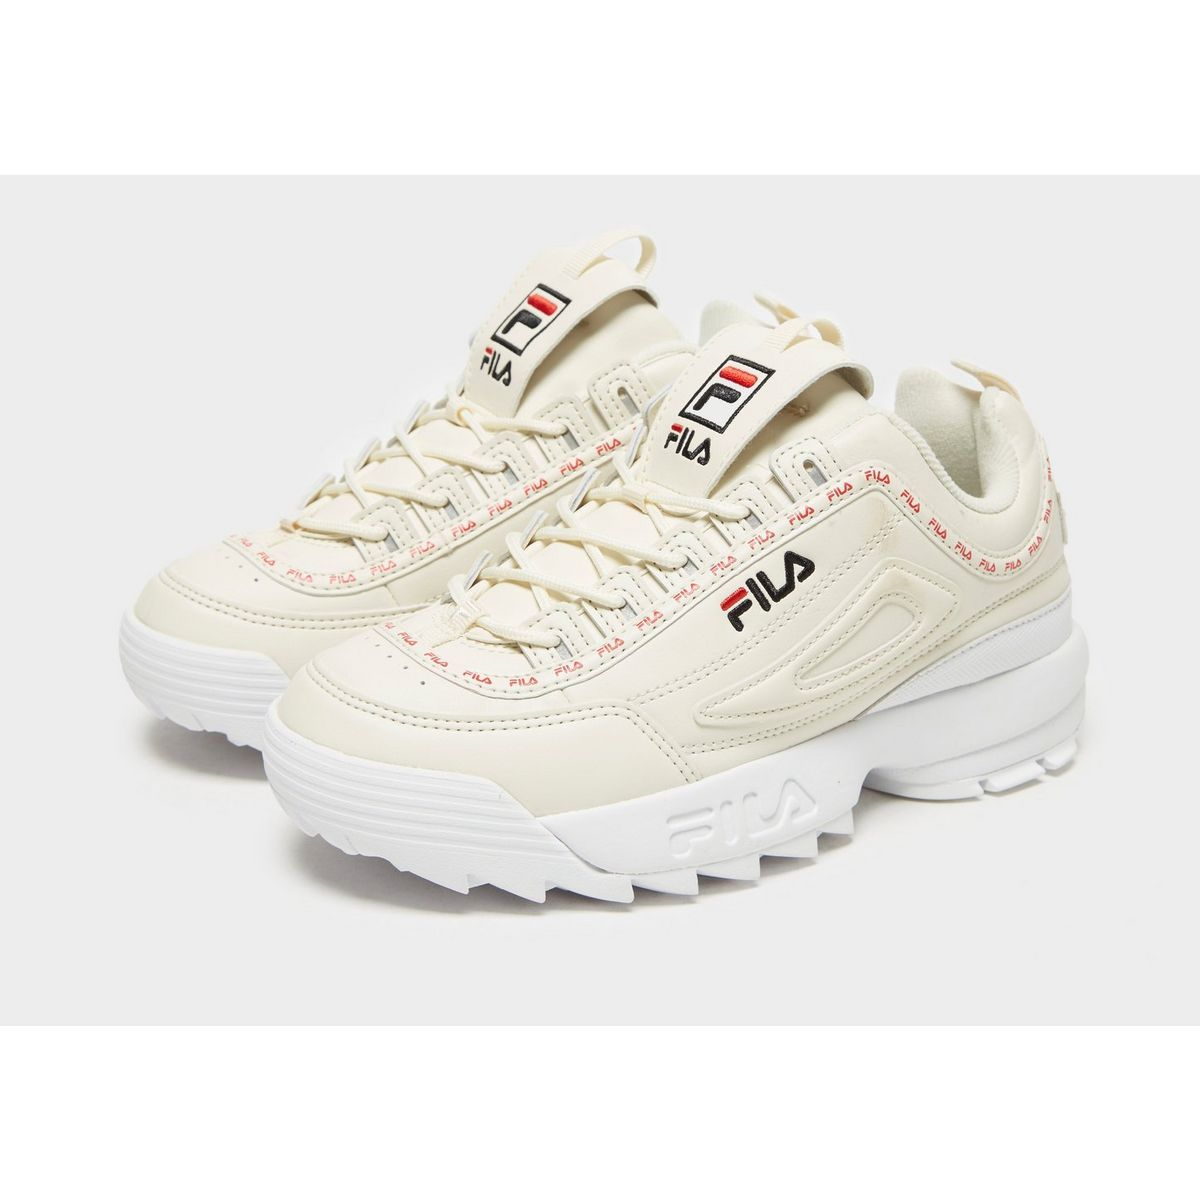 Fila Disruptor II Repeat Dames | Zapatillas fila, Zapatos ...